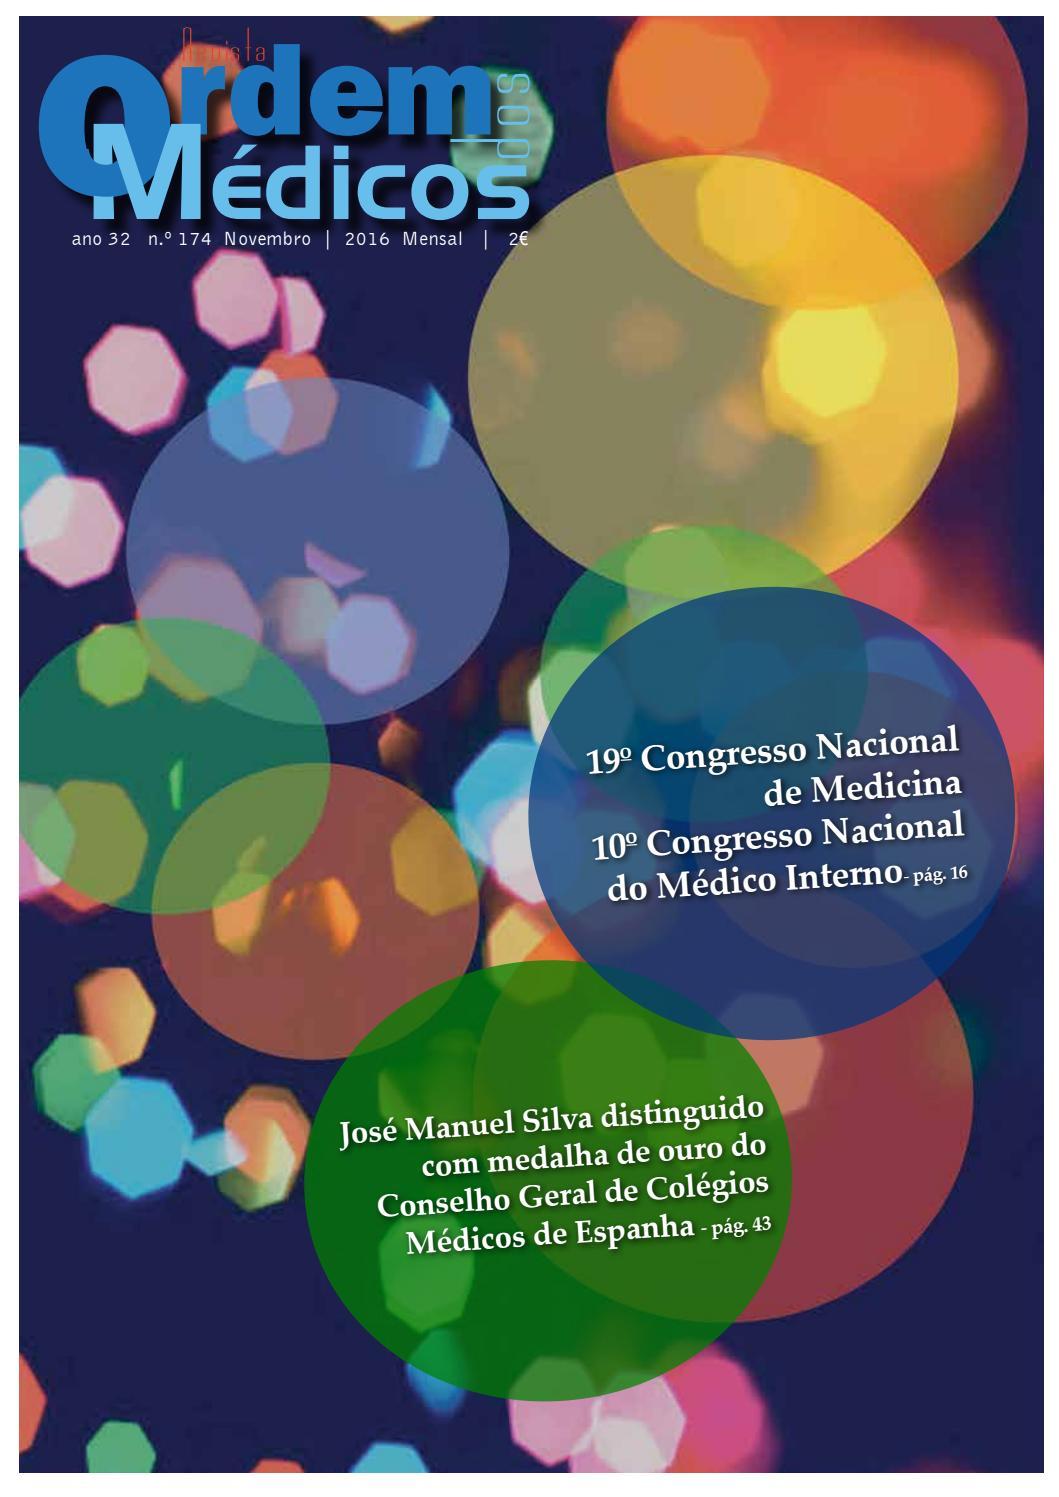 Revista Ordem dos Médicos Nº174 Novembro 2016 by Ordem Dos Médicos - issuu d958ca59f5fce